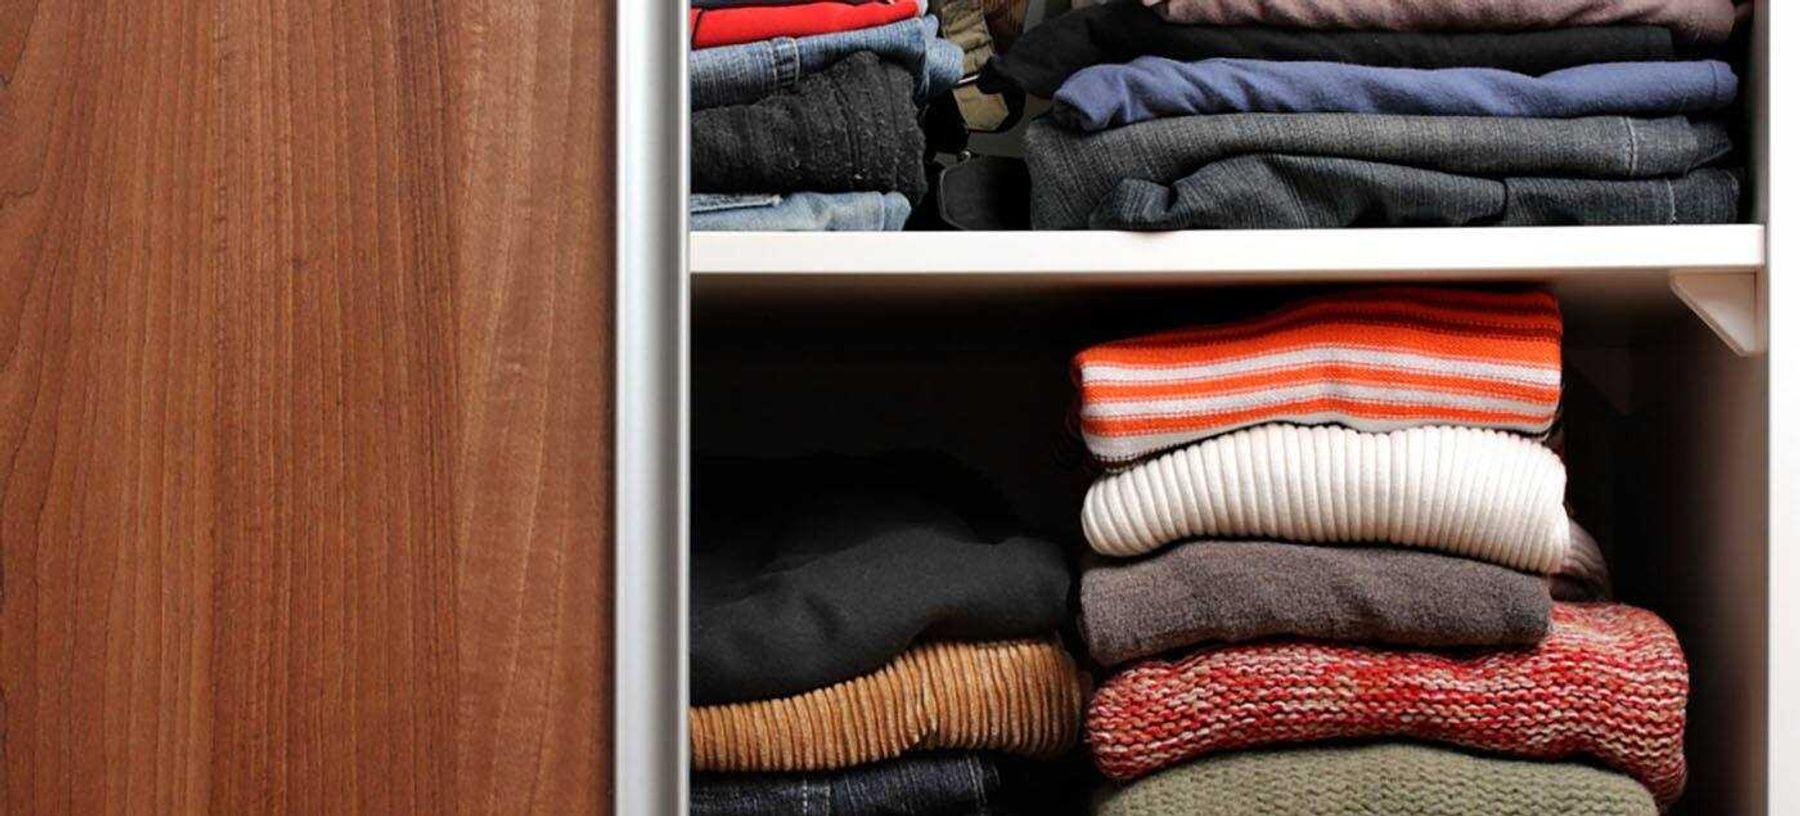 Sắp xếp quần áo trong tủ theo trình tự bạn sẽ mặc